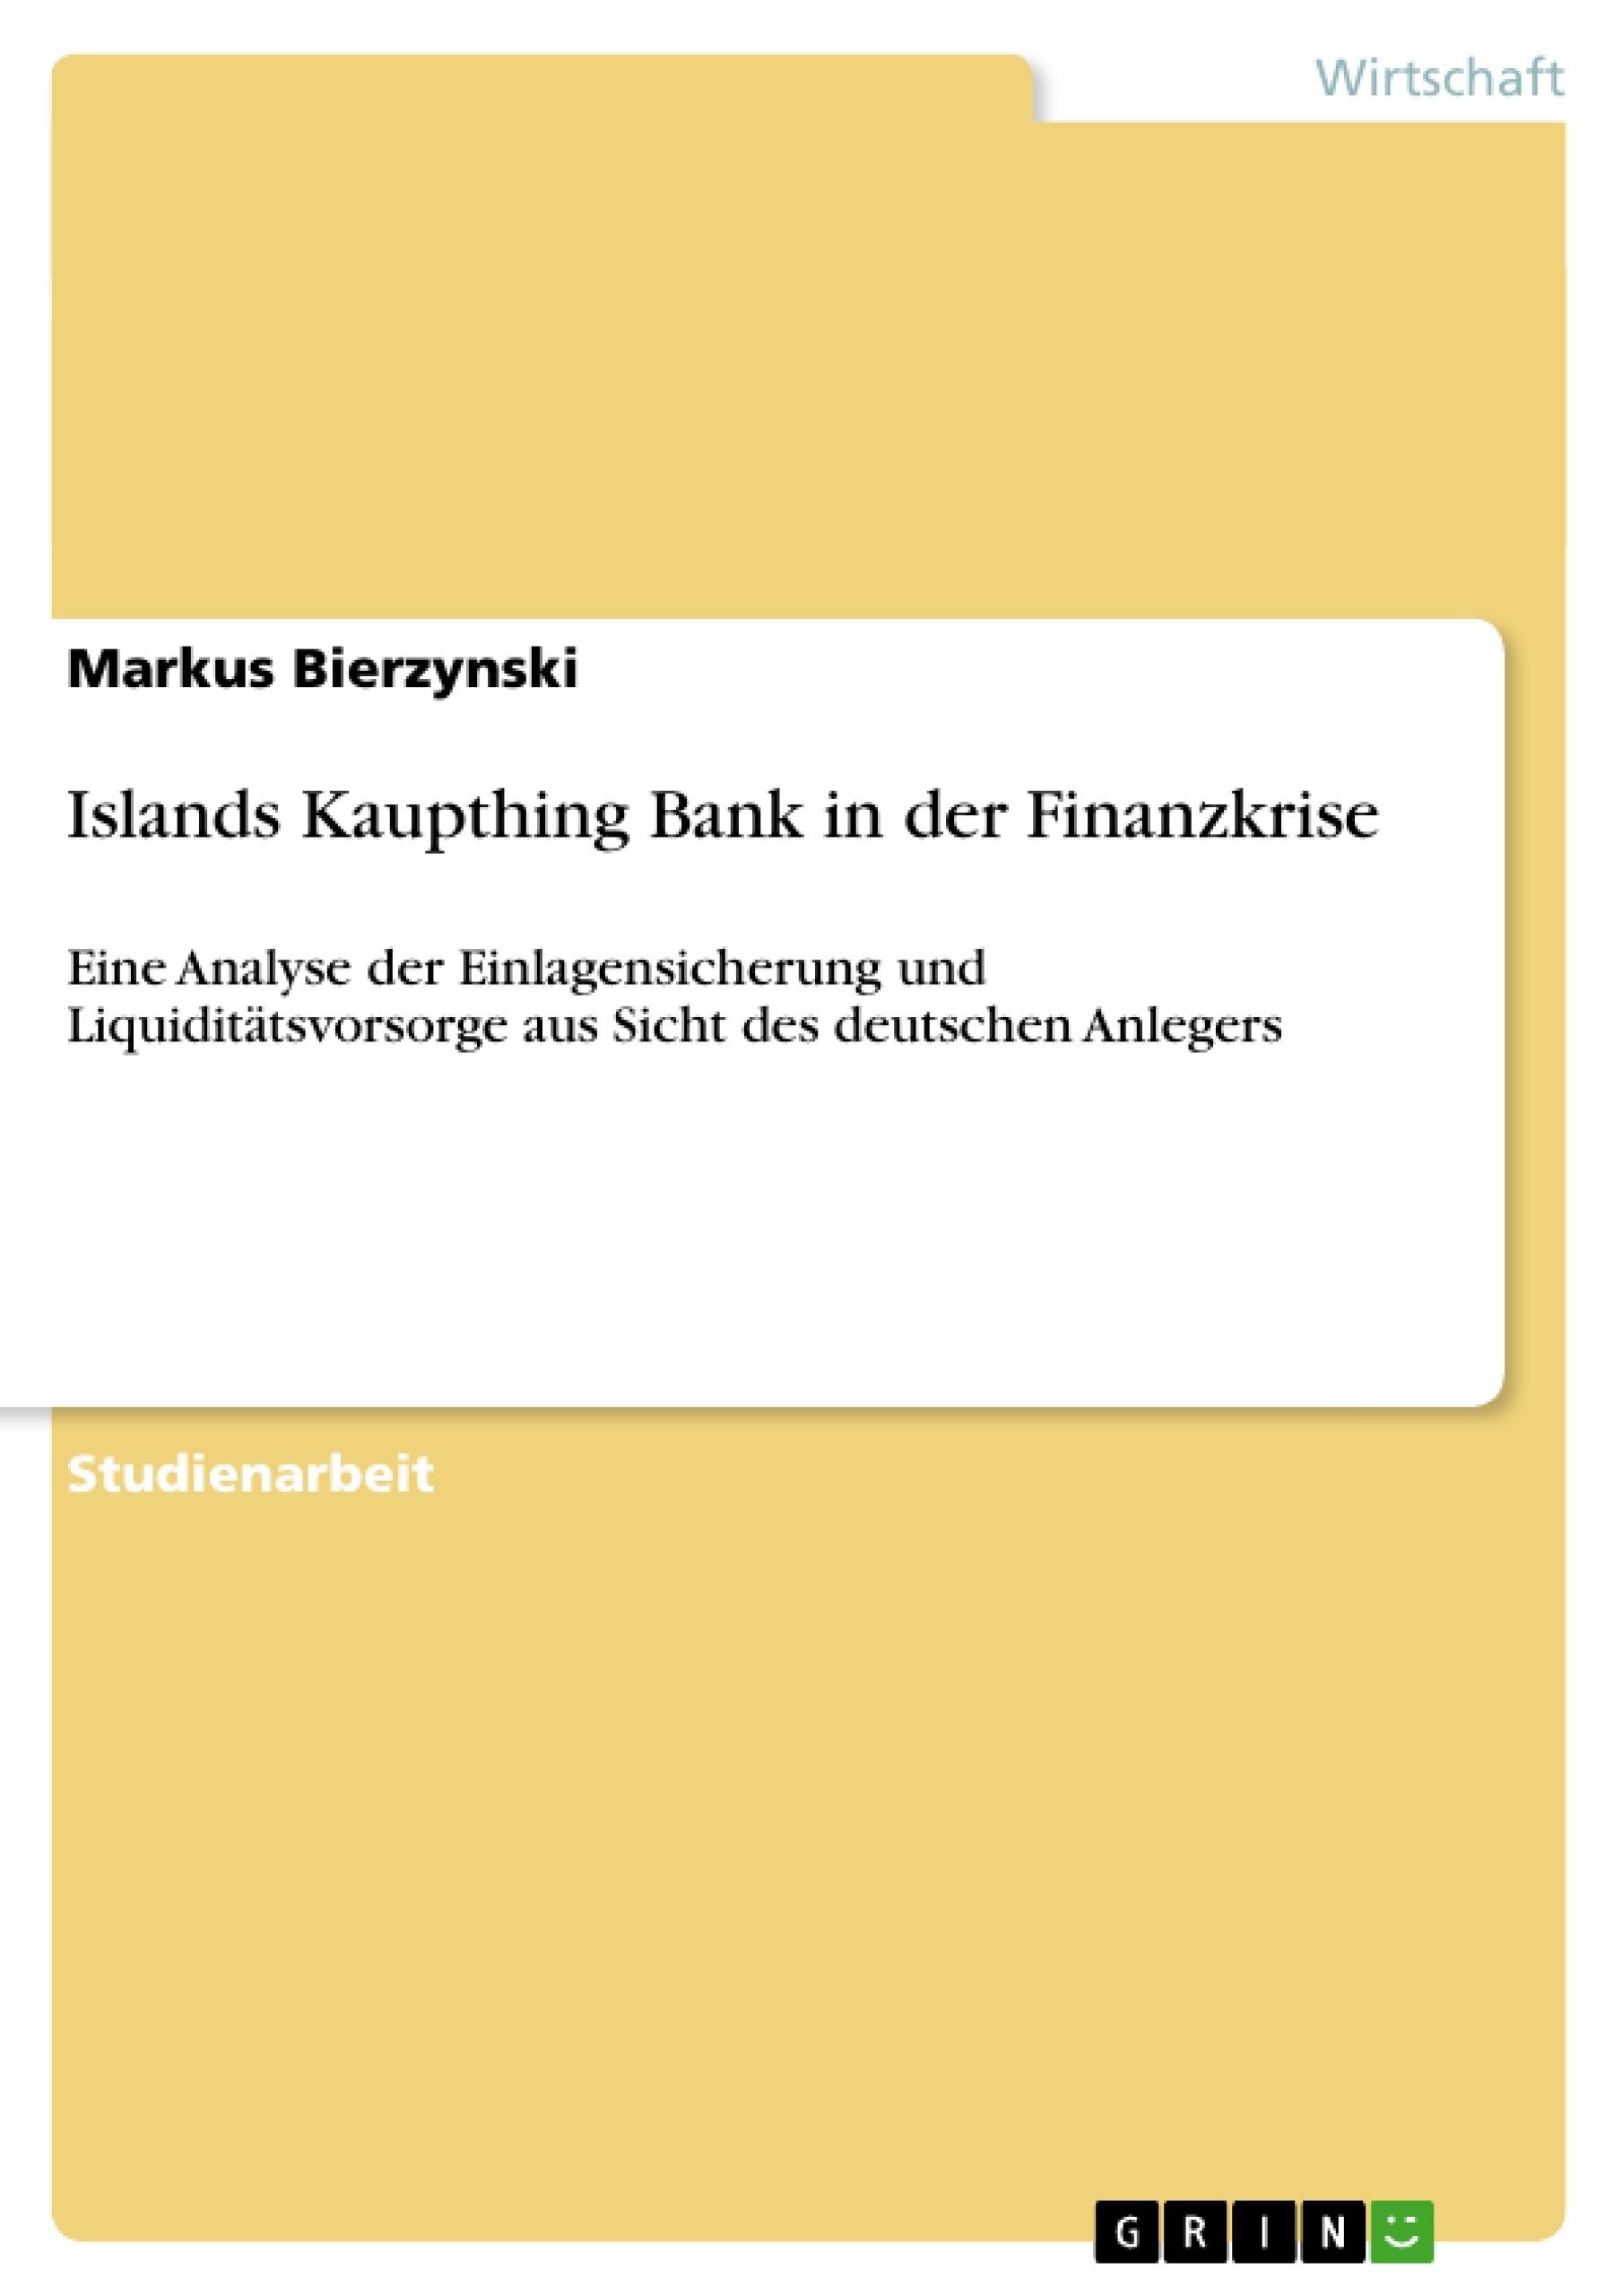 Titel: Islands Kaupthing Bank in der Finanzkrise